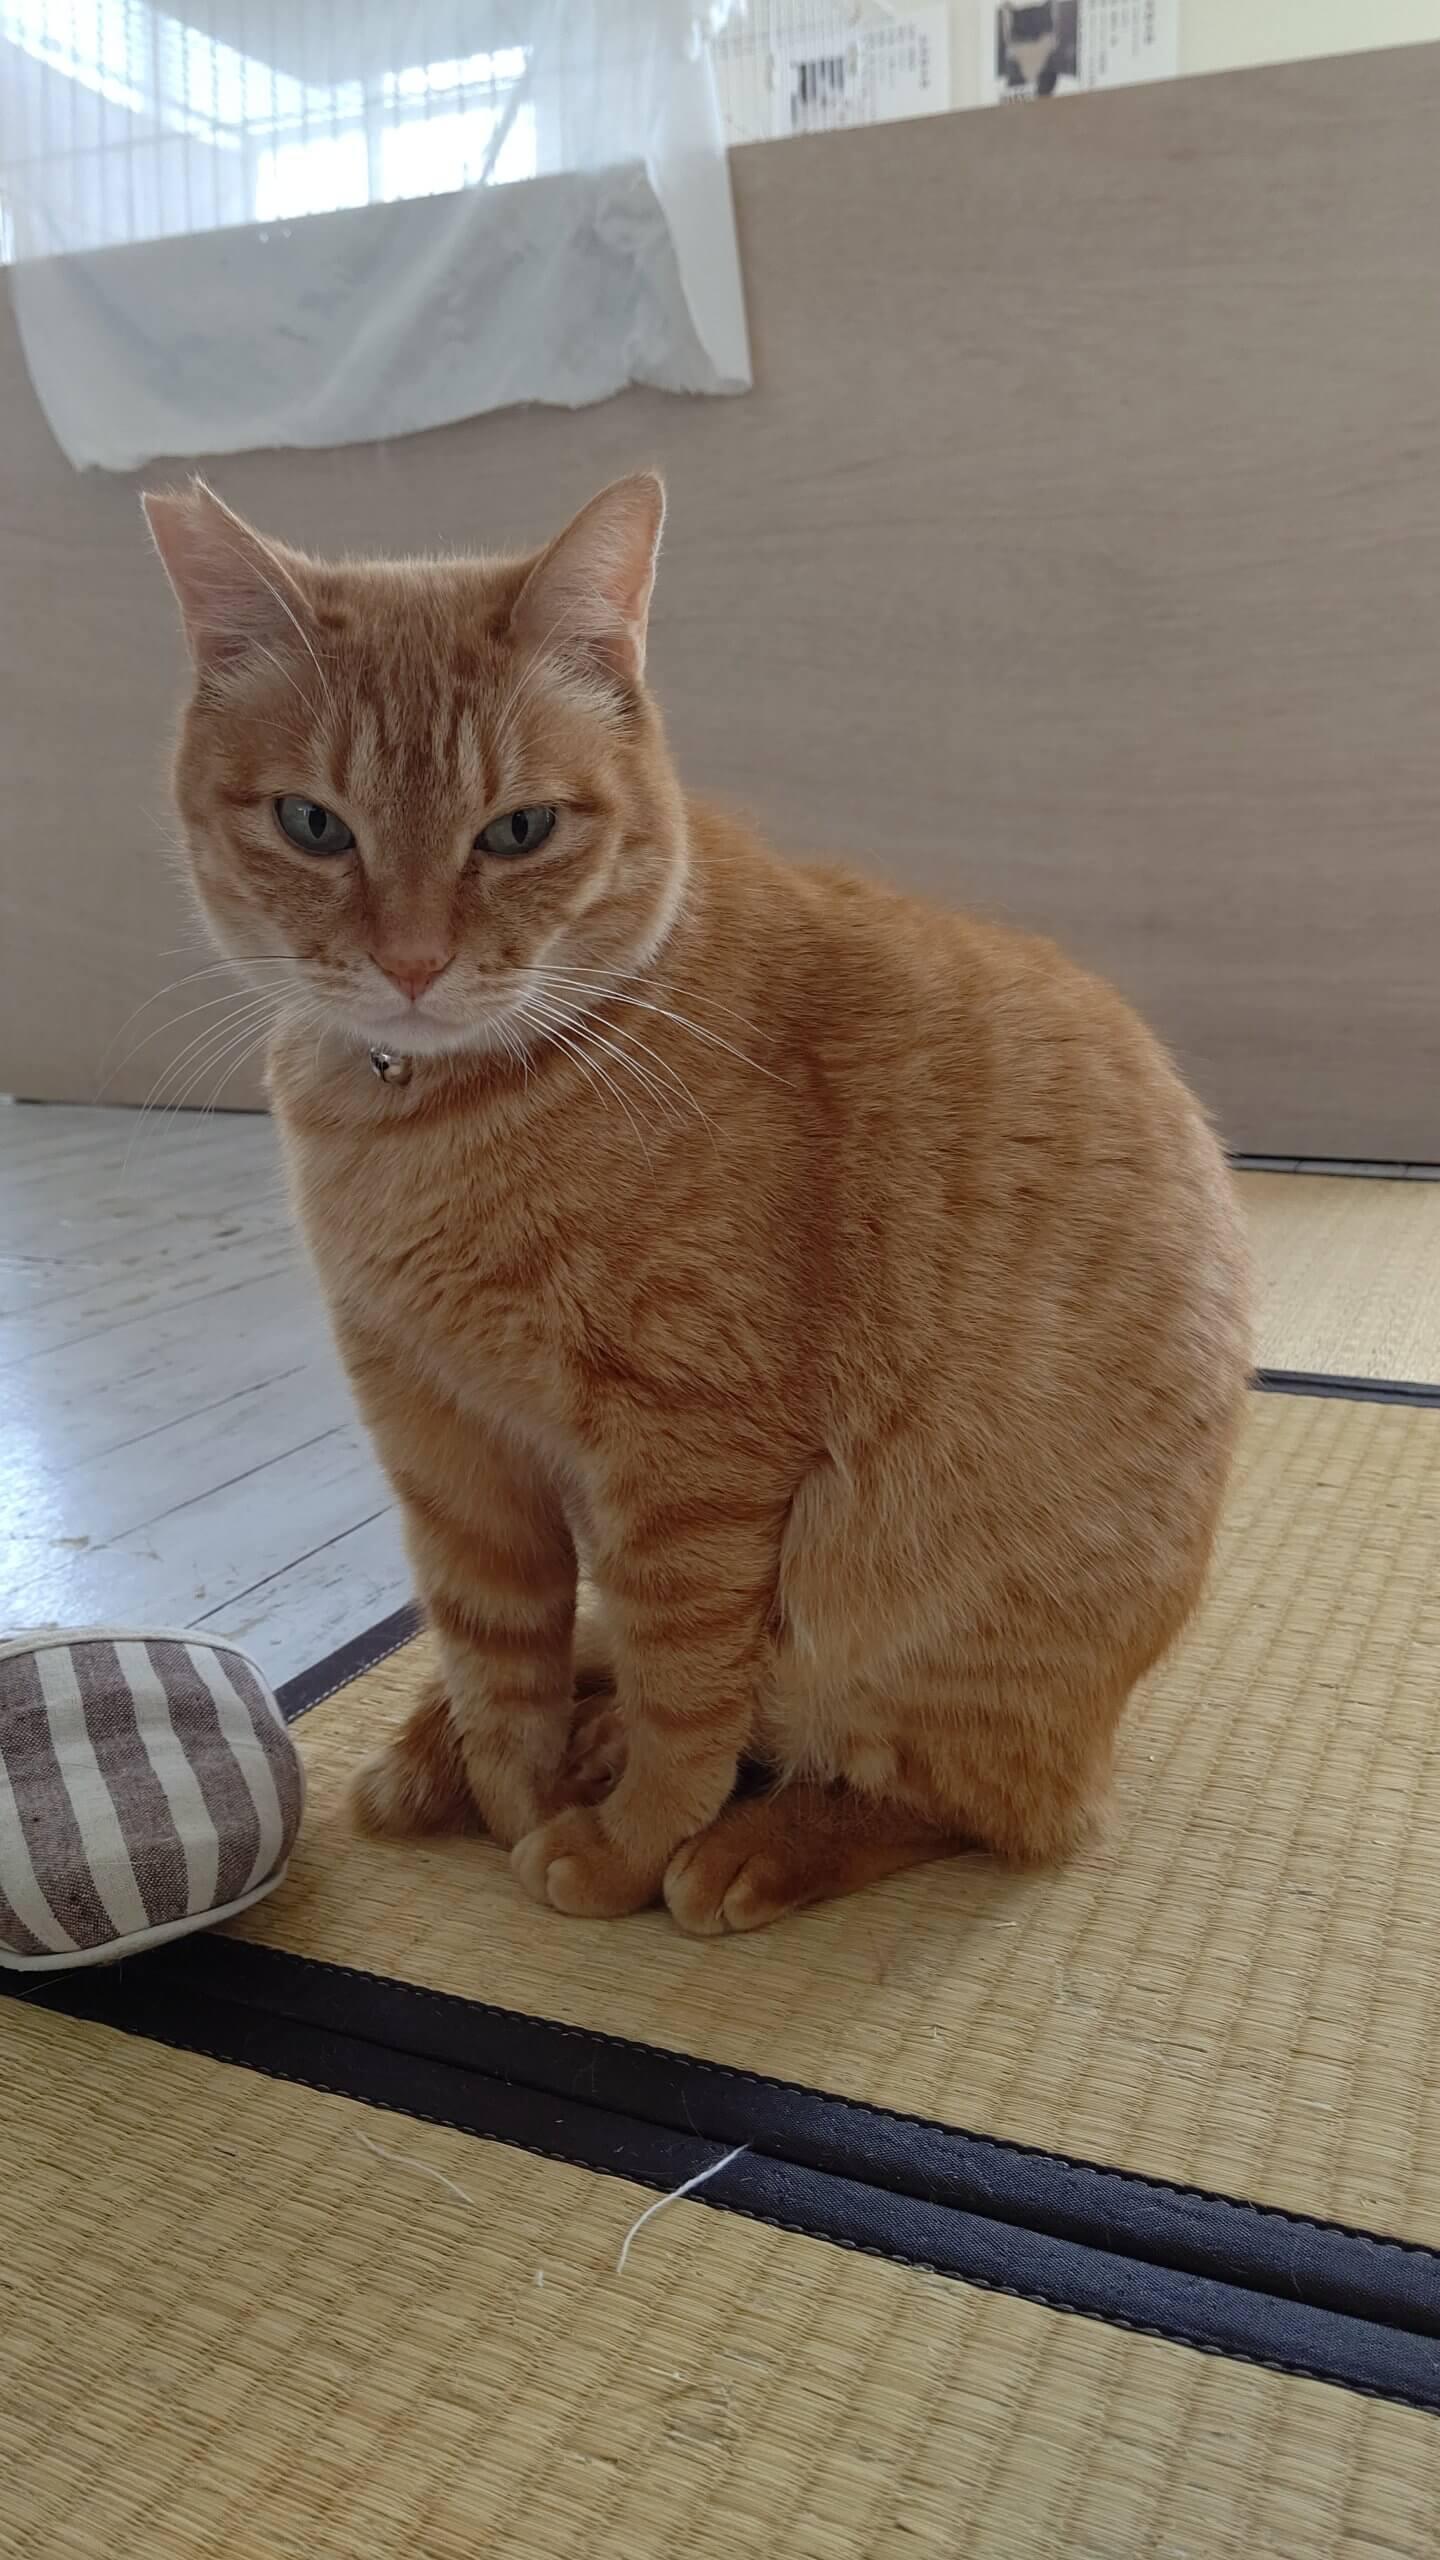 【保護猫】茶トラちー♂丸々かわいい男の子です